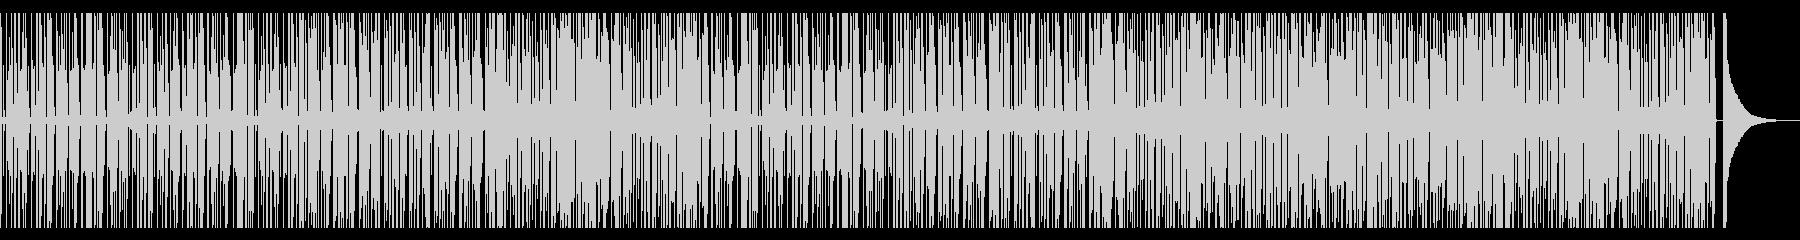 スローテンポのソウルポップ風BGMの未再生の波形